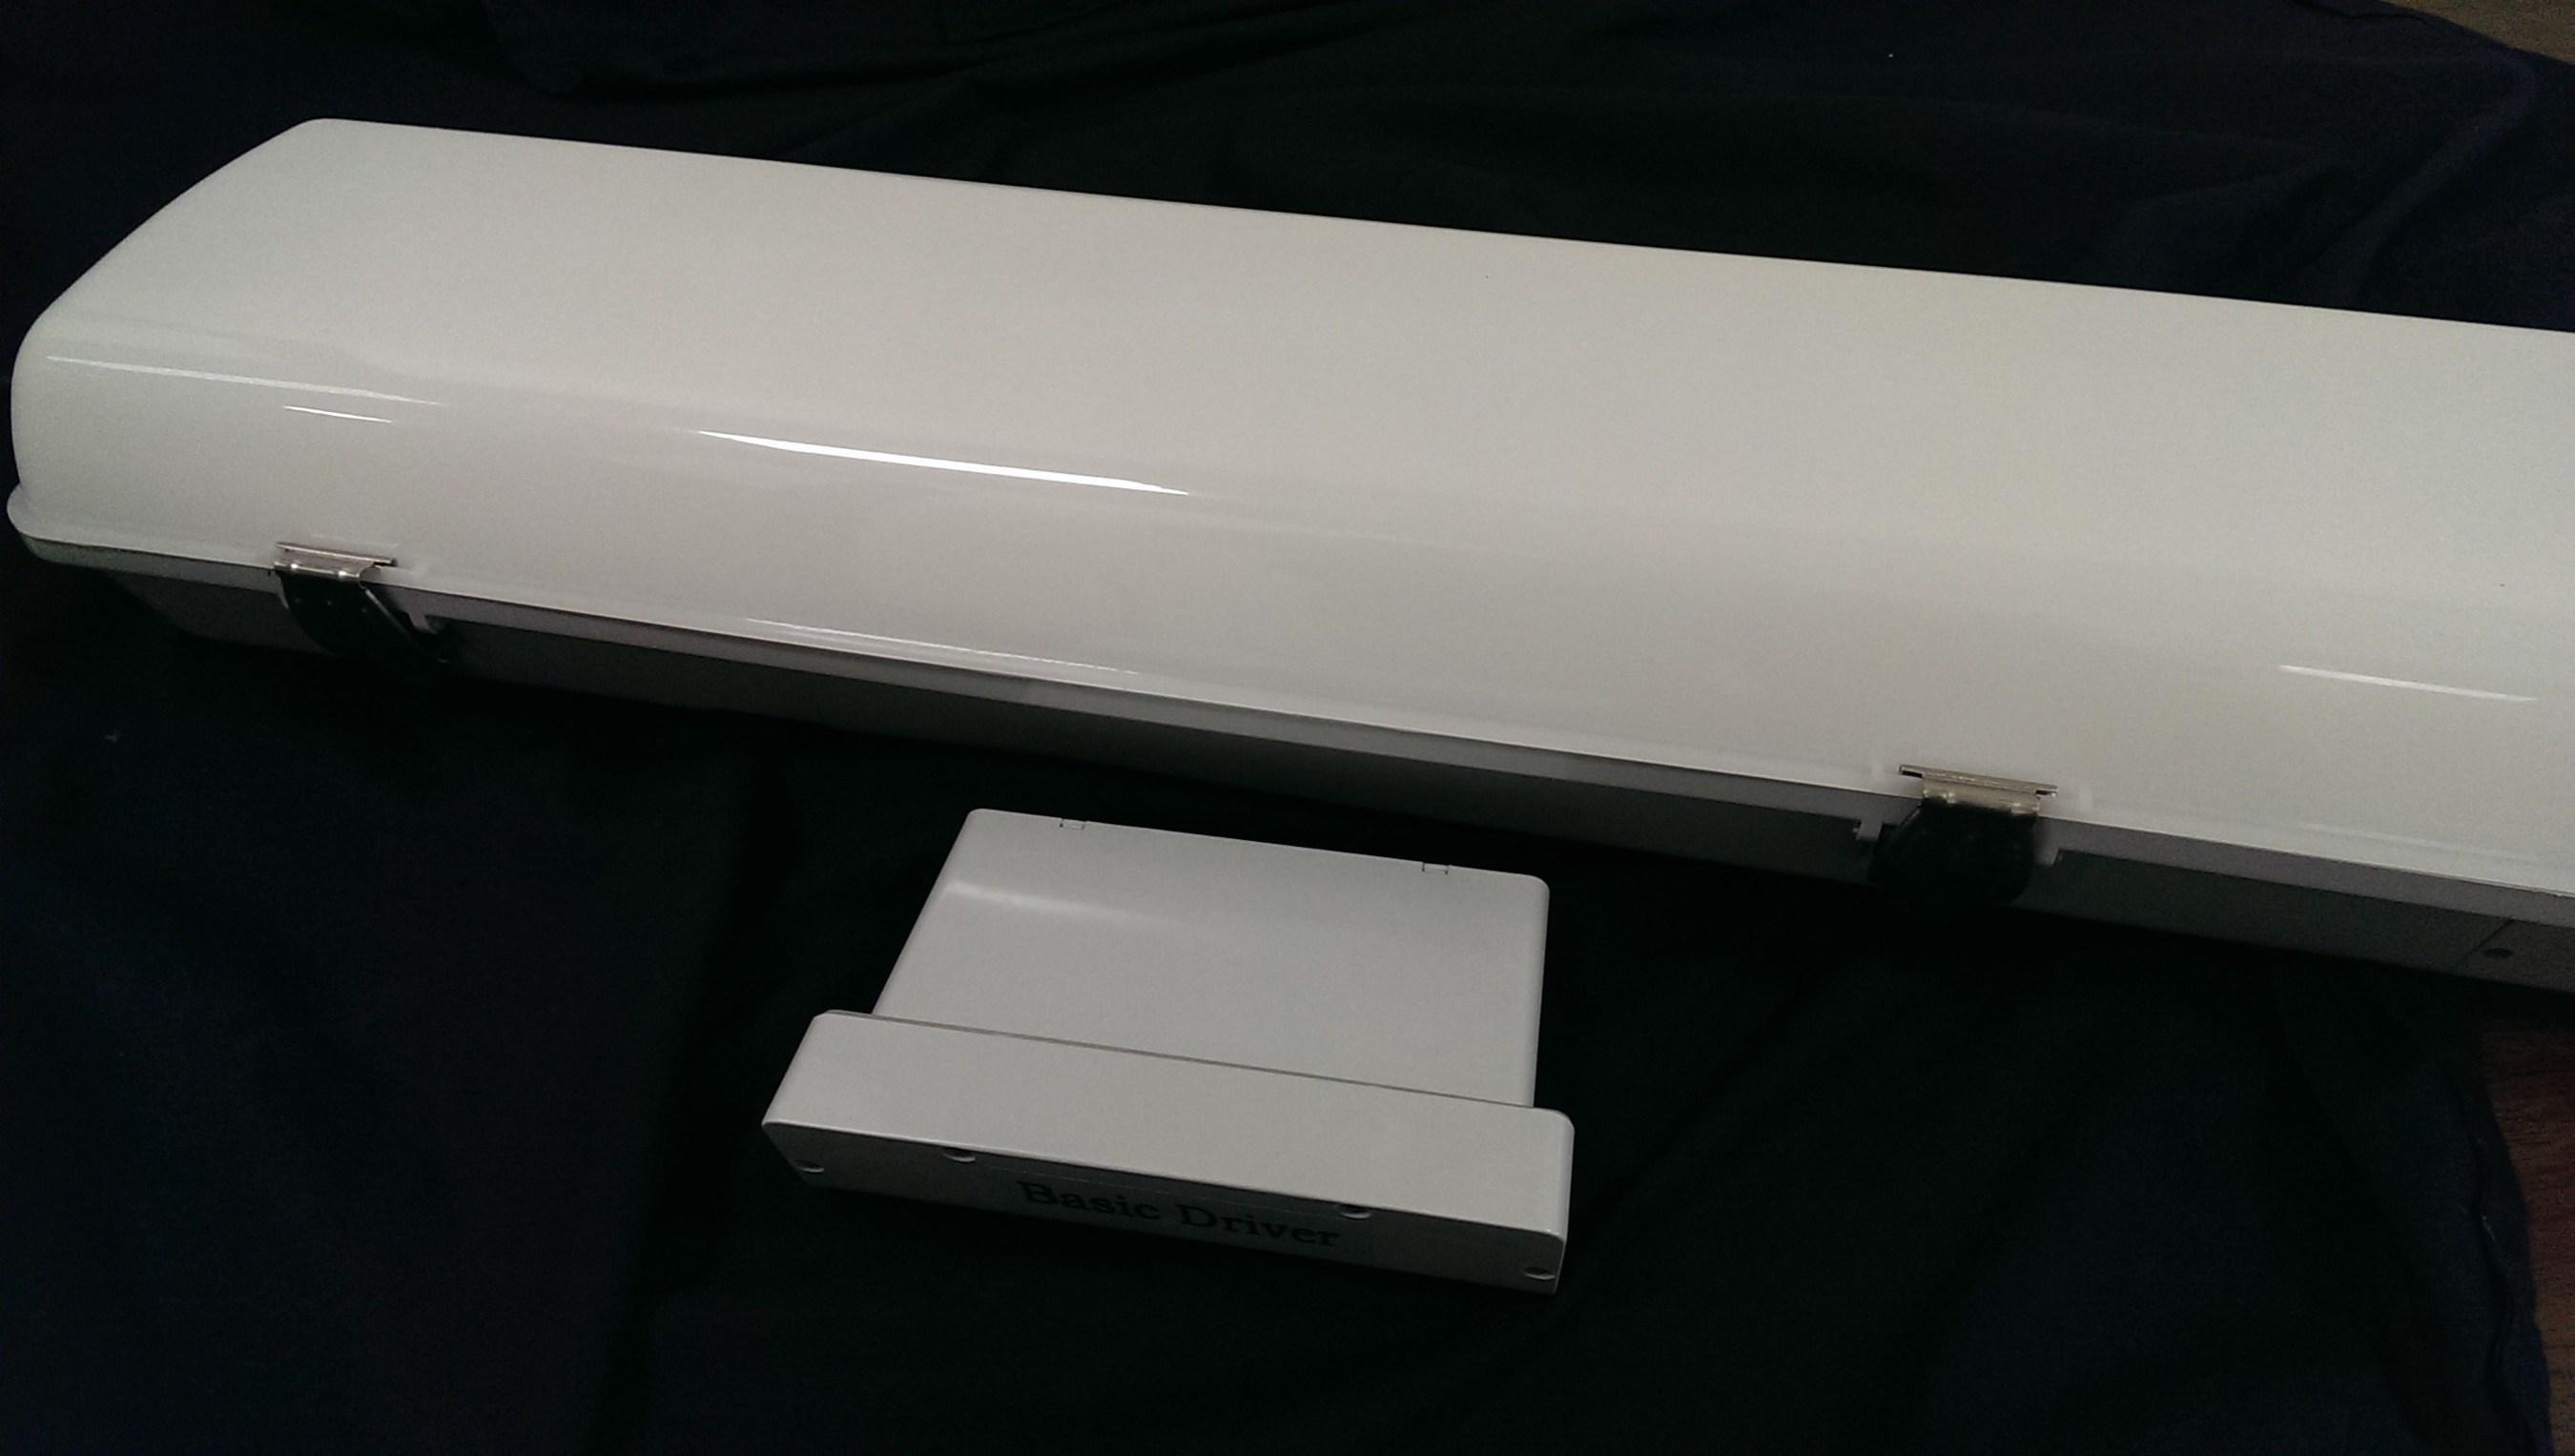 Aleddra Introduces Alegant LED Vapor Tight Fixture